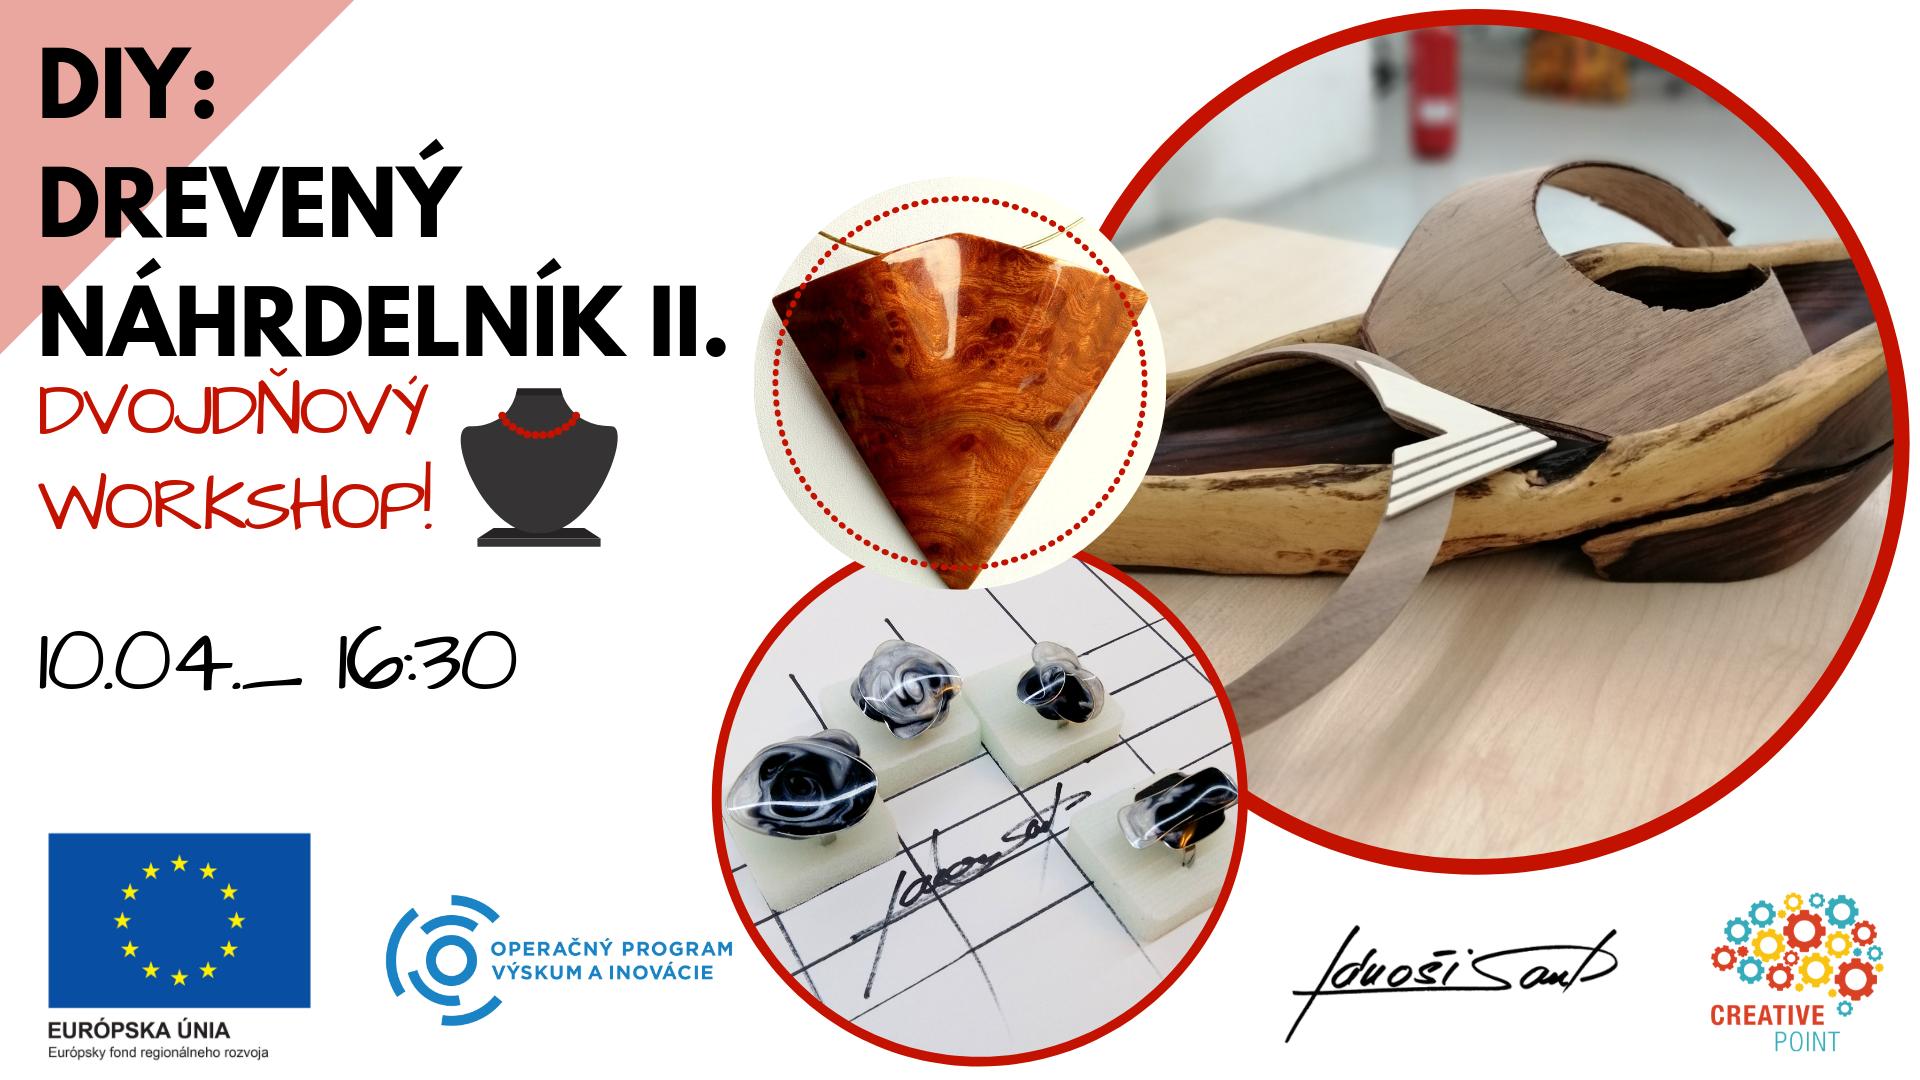 ae42dc9ef Príďte si k nám dokončiť drevený náhrdelník pod vedením skúseného lektora a  umelca Jána Jánošiho! Za pomoci ručných nástrojov sa naučíte umelecky  spracovať ...